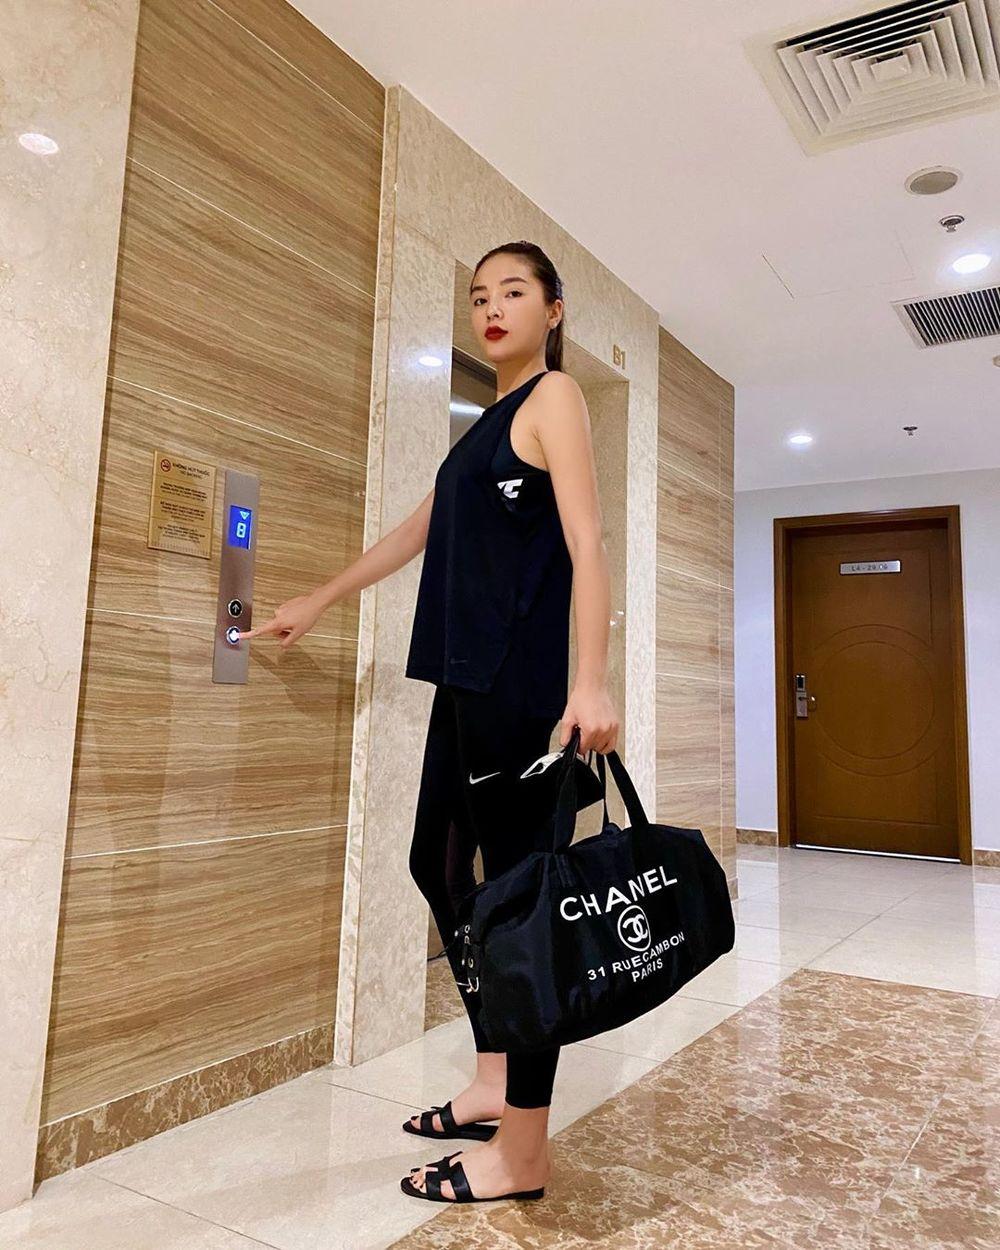 Những màn lên đồ cực gắt của sao Việt khi ở nhà: Phạm Hương mặc bikini vẫn cố diện túi trăm triệu, có người còn lôi túi cả trăm triệu mới sắm ra khoe - Ảnh 6.